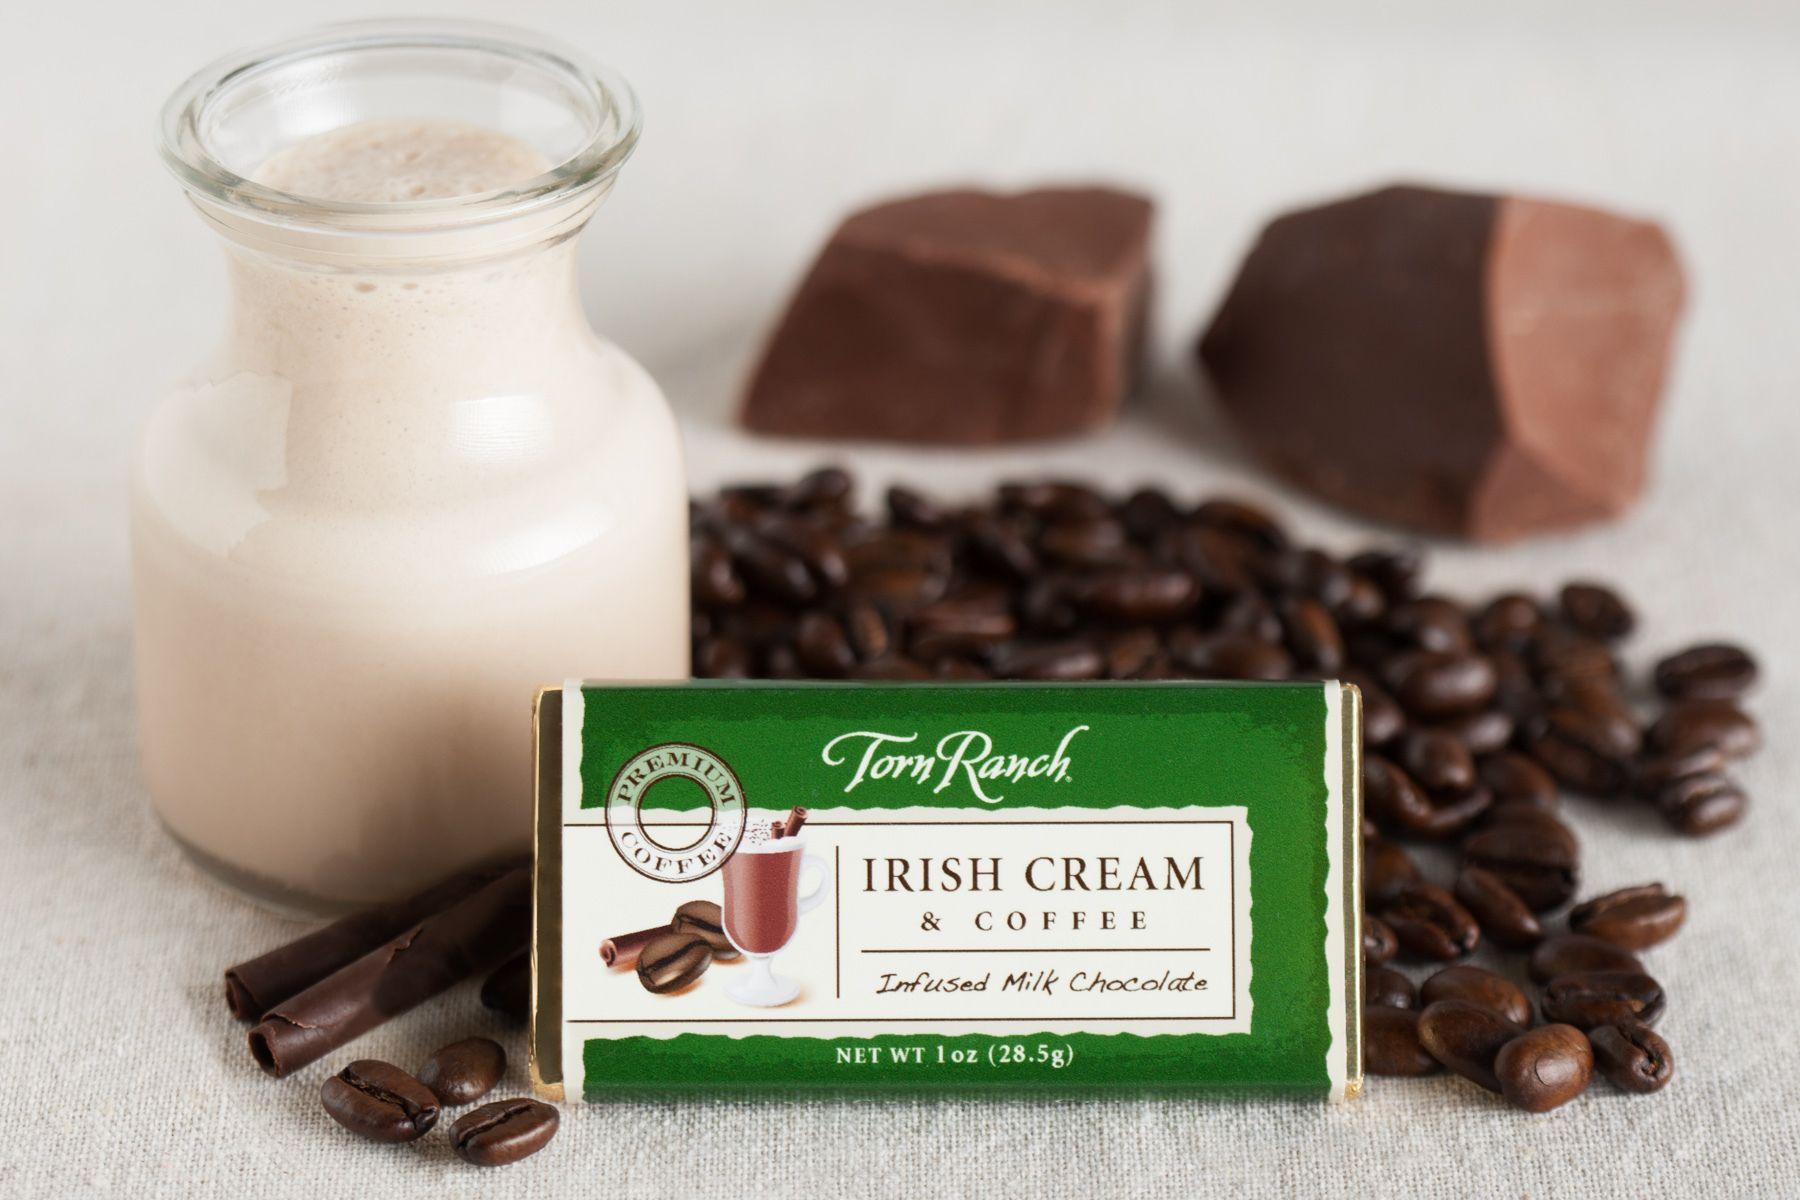 1torn_ranch_irish_creme_coffee_bar